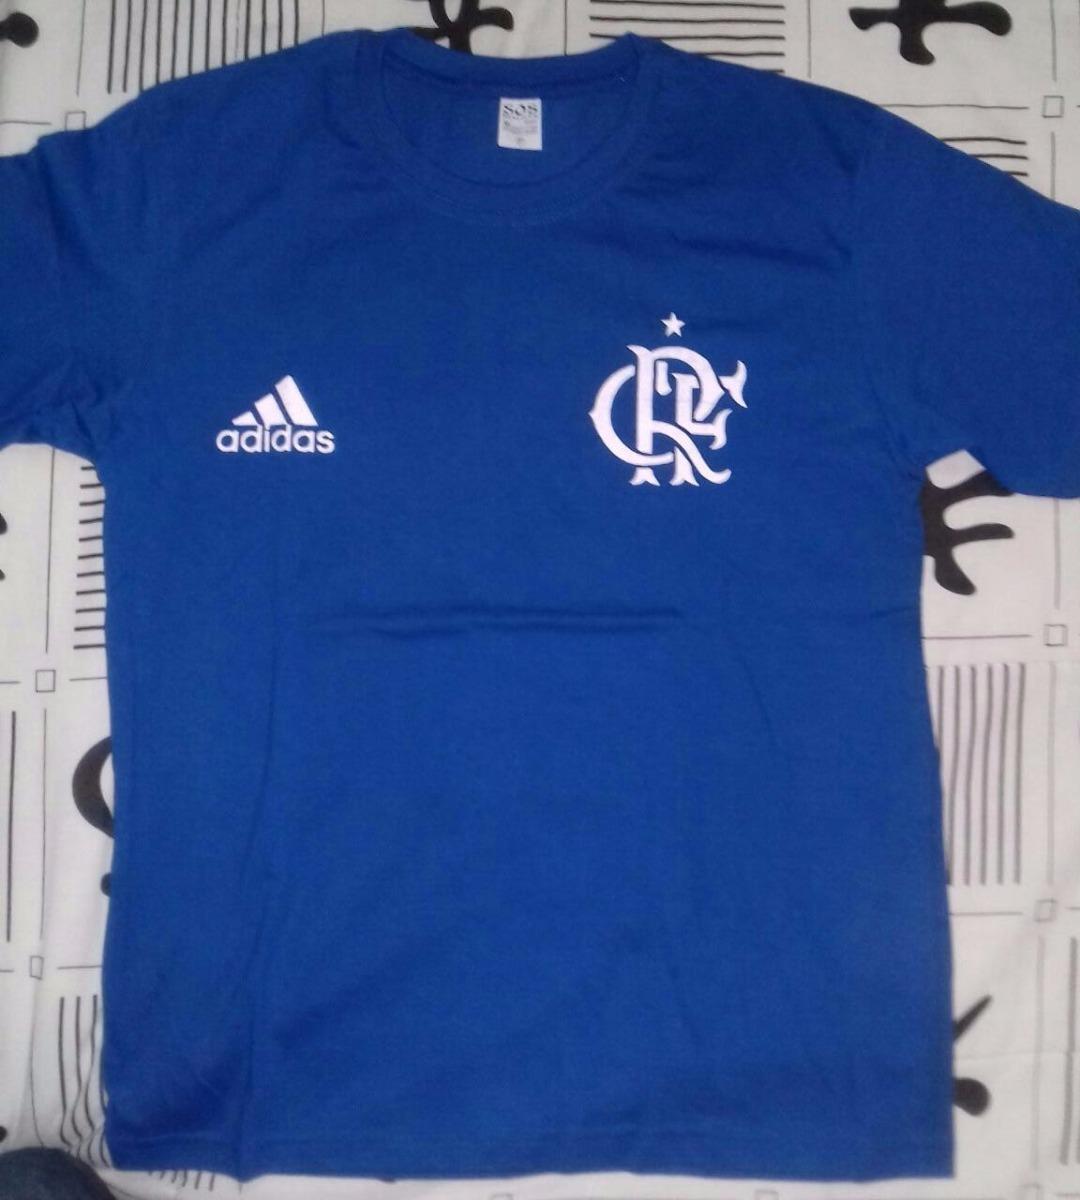 818bac9c4b Linda Camisa Do Flamengo Em Algodão - R  45